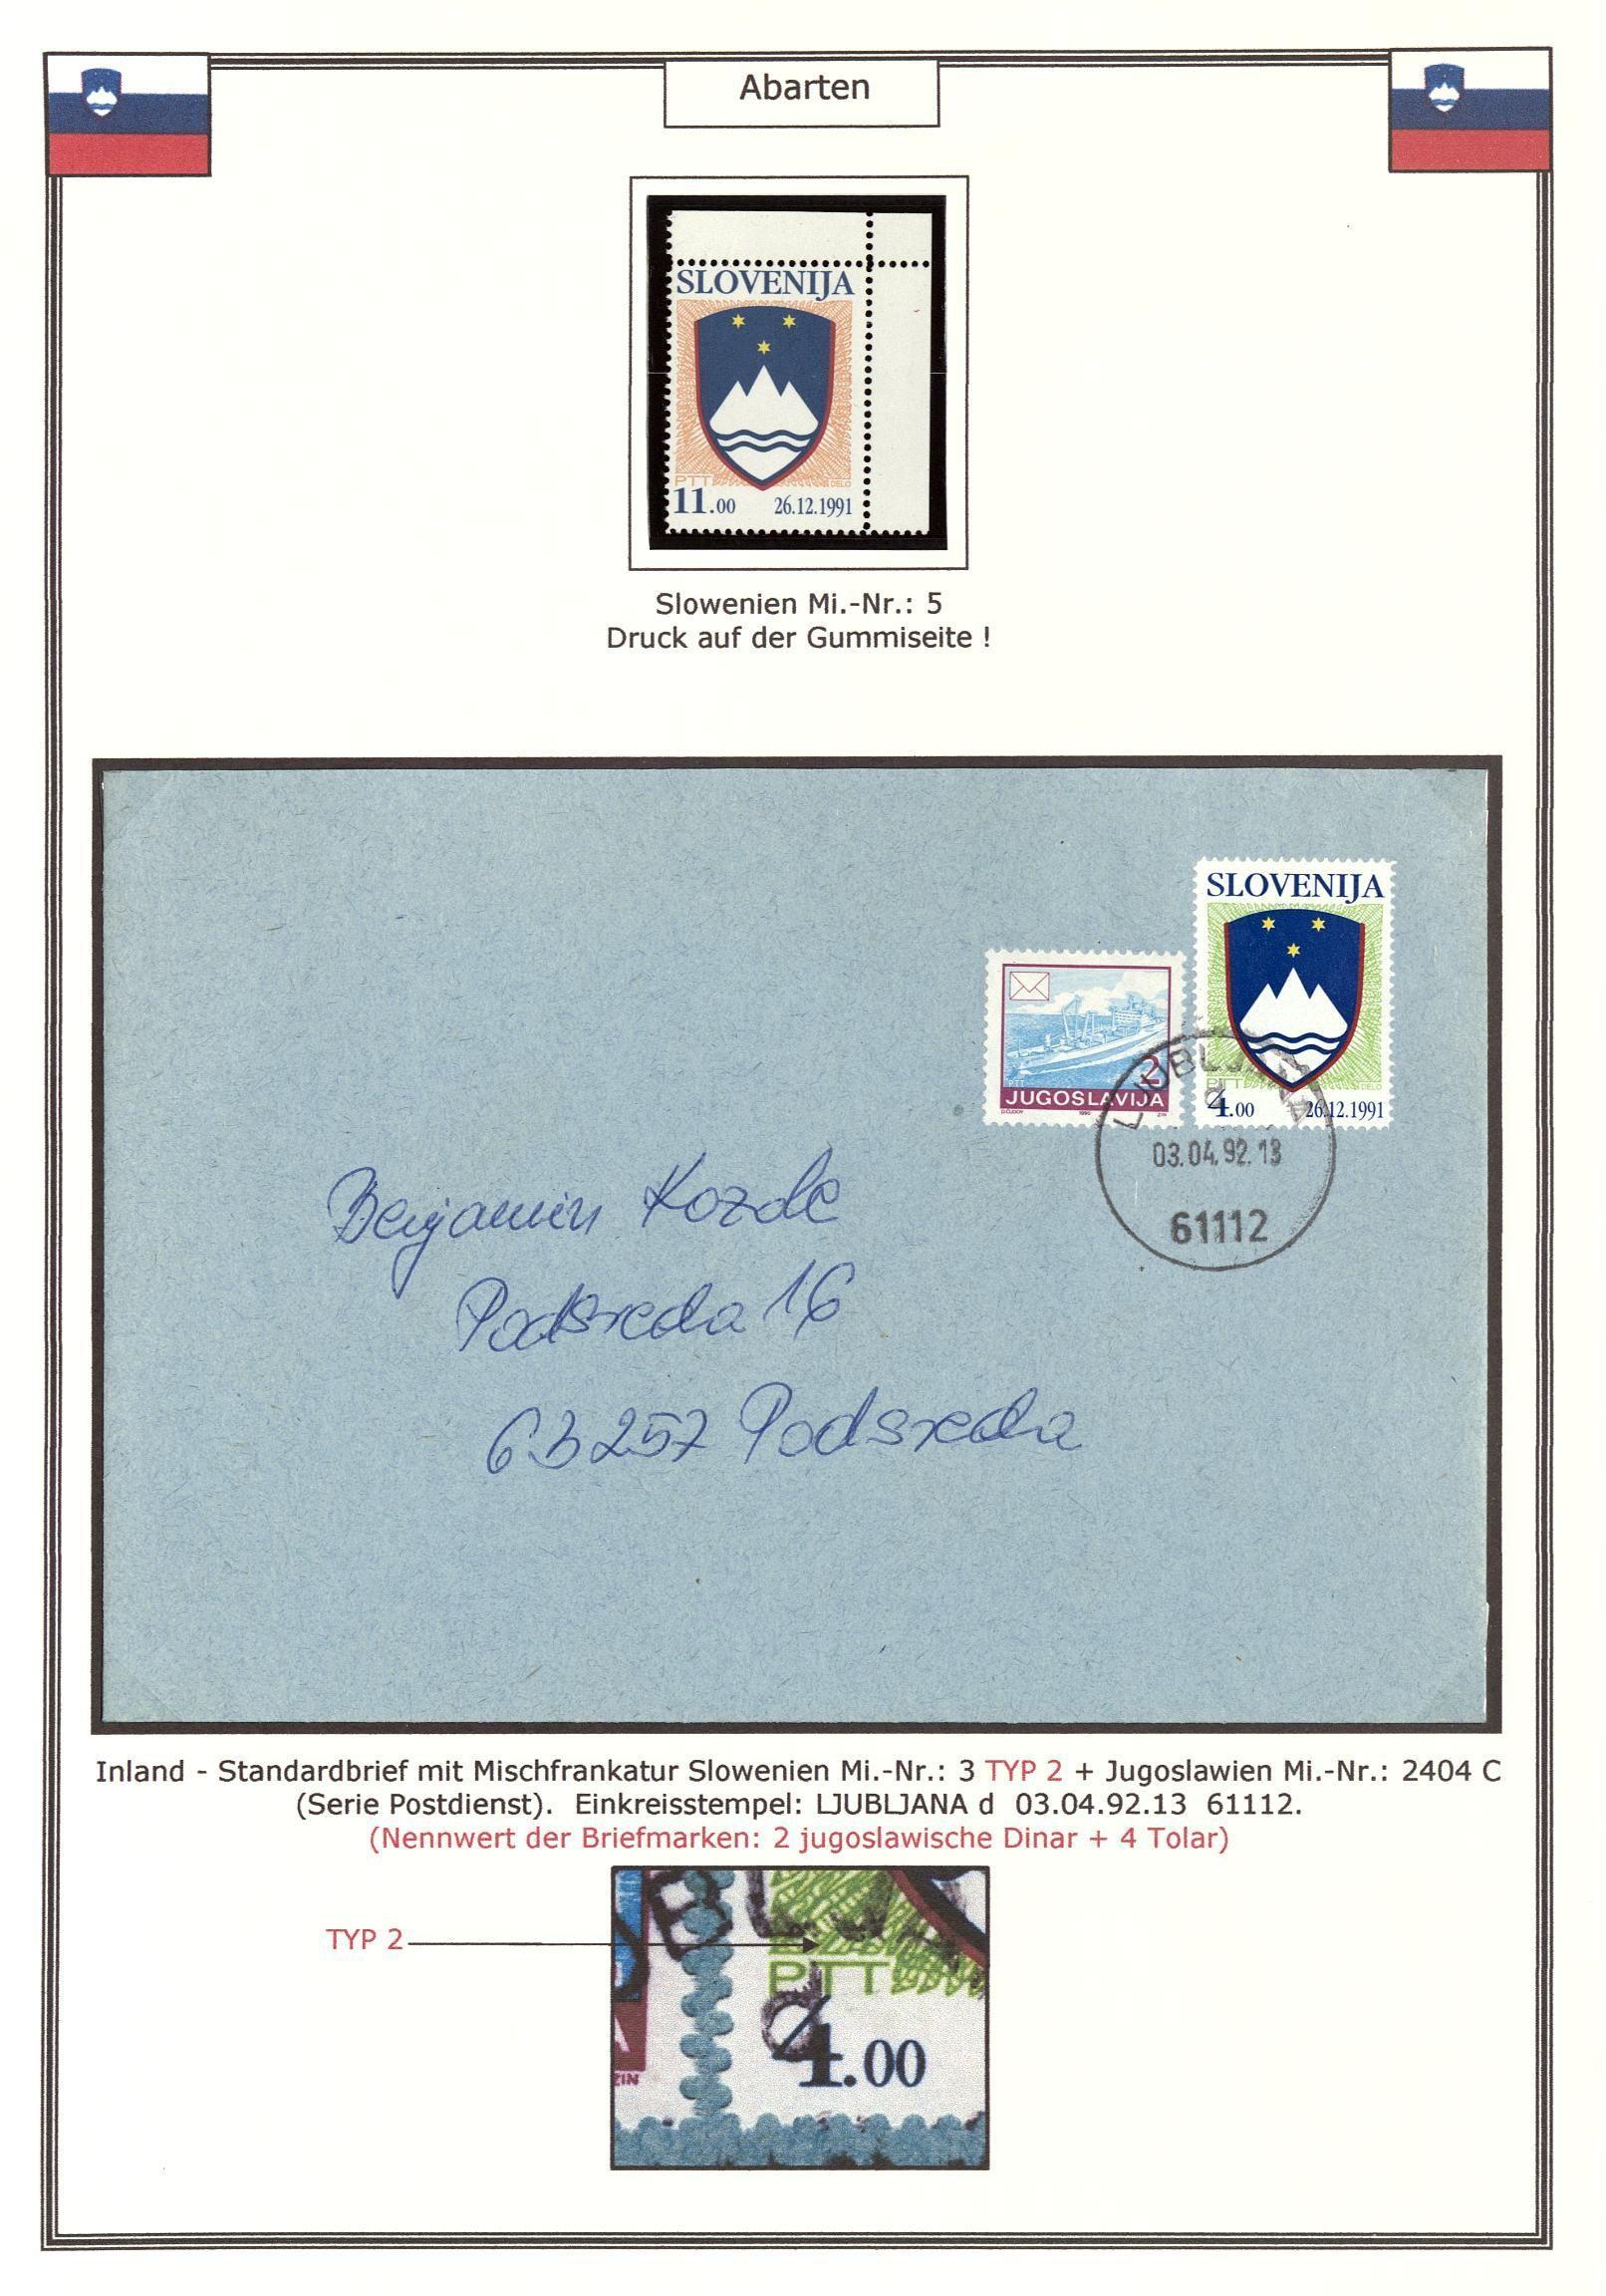 Lovely Argentina Briefmarken Sonstige 103-150 Jahre Erste Briefmarken Argentinien